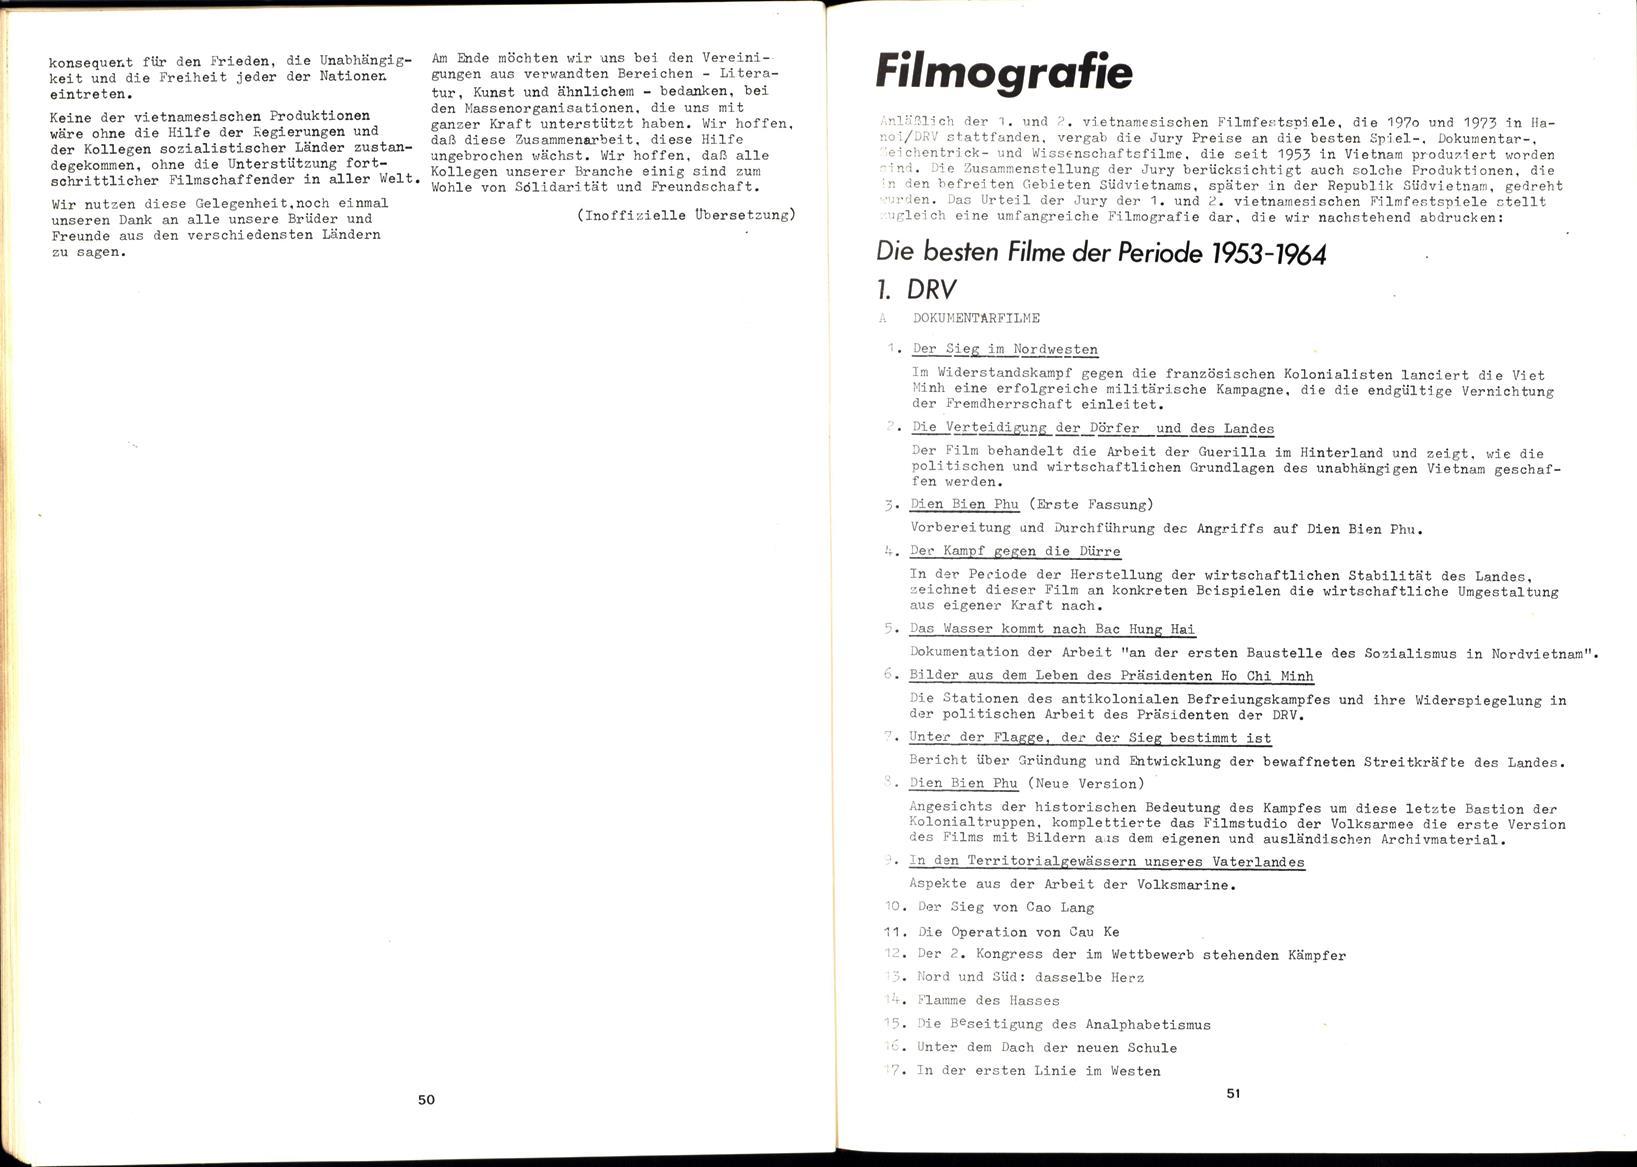 IK_Filmwesen_Bulletin_19740400_008_009_026